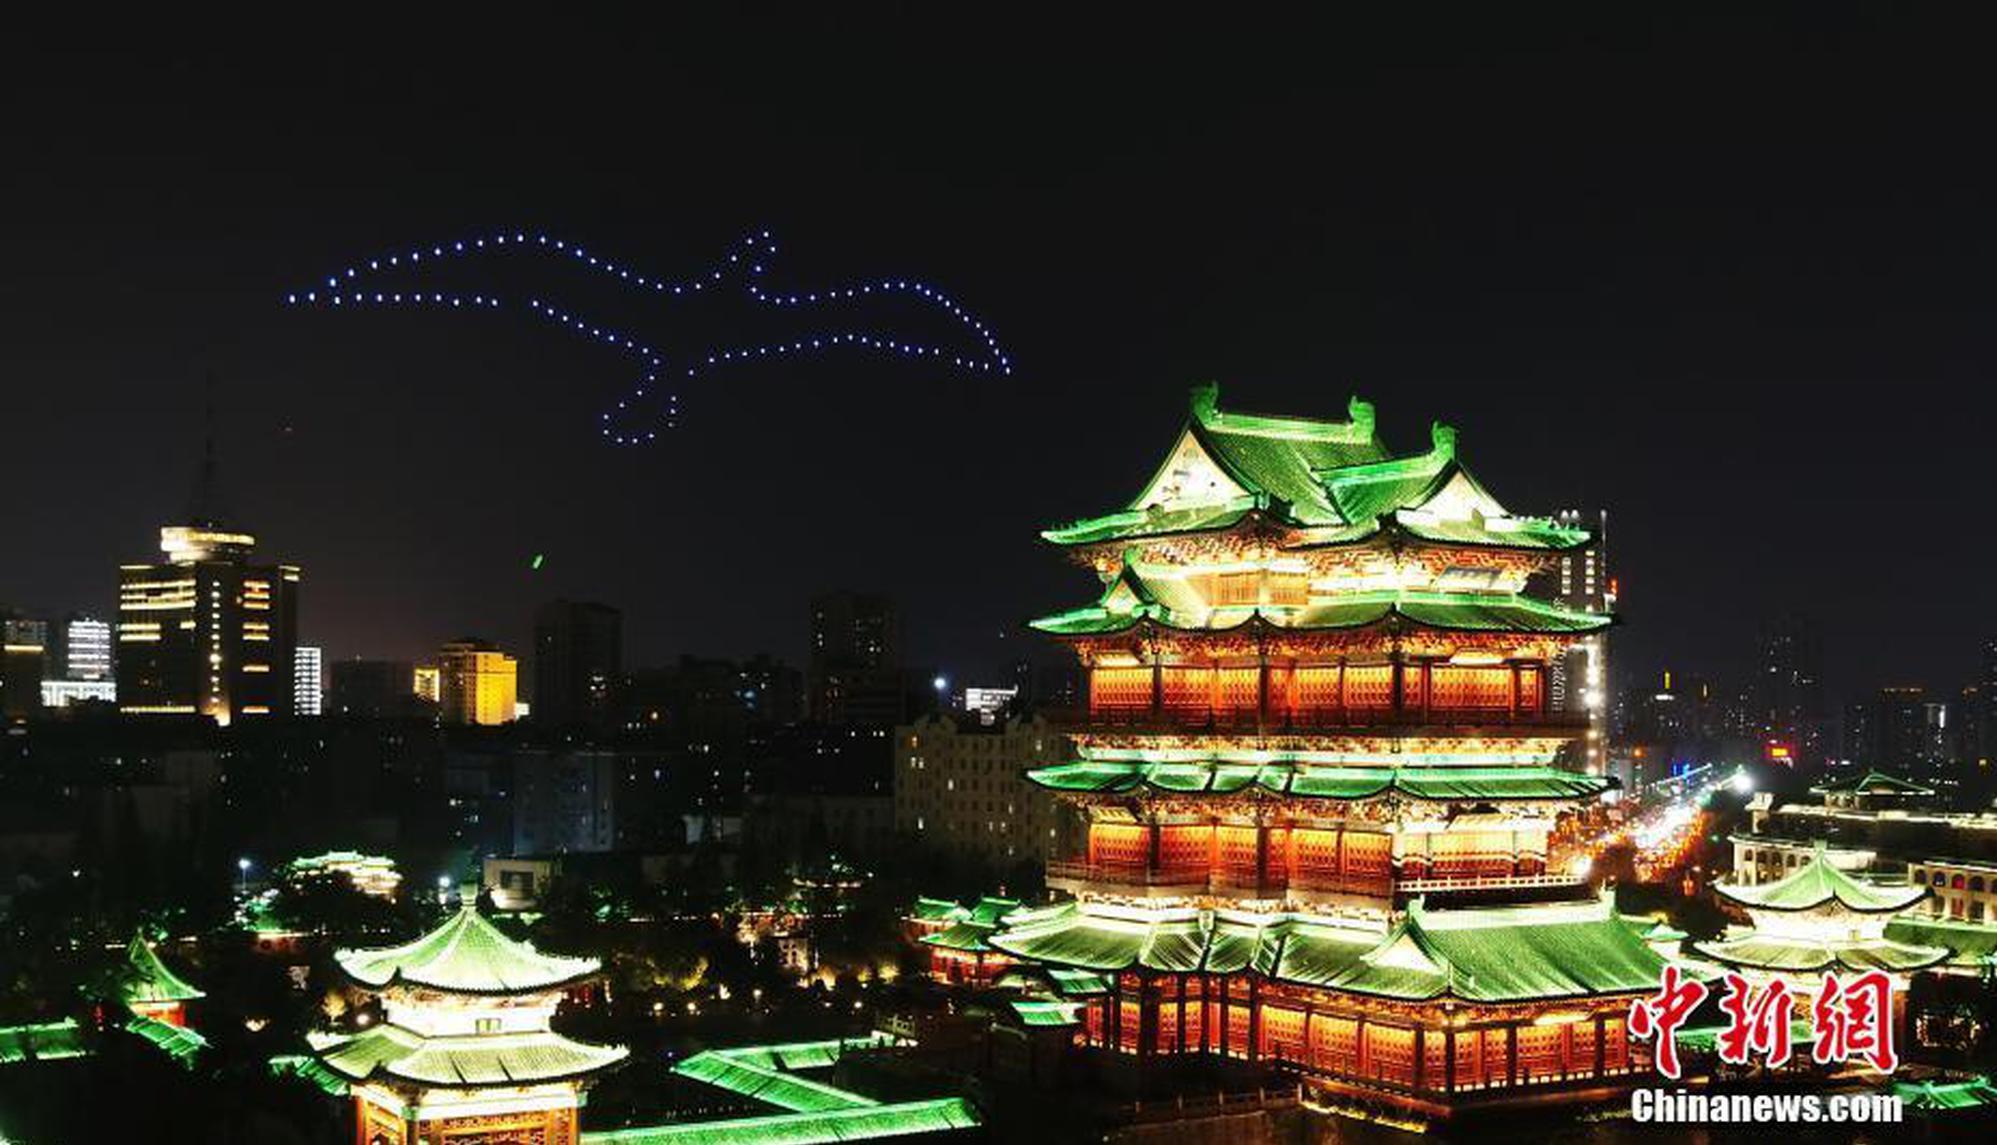 变身艺术品不为人知的北京最权本版毒妇王鹤棣亲